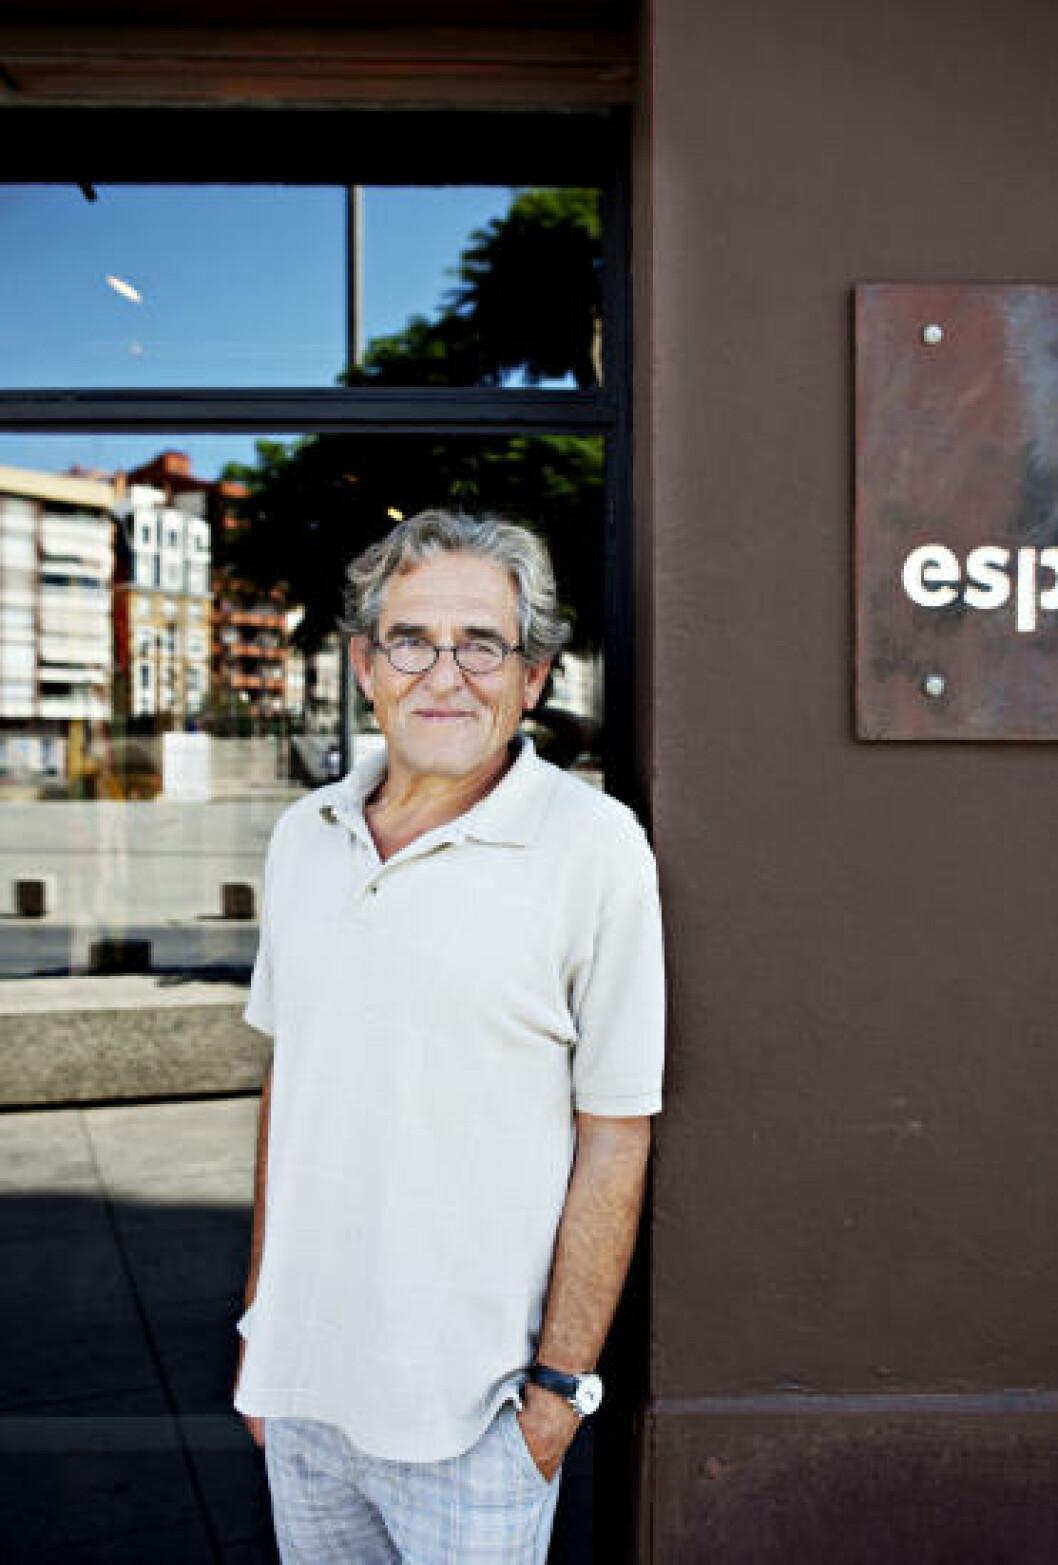 APPLAUDERER: Kunstner og gallerist Ramon Paredes berømmer satsingen på kunst og kultur. Foto: NINA HANSEN